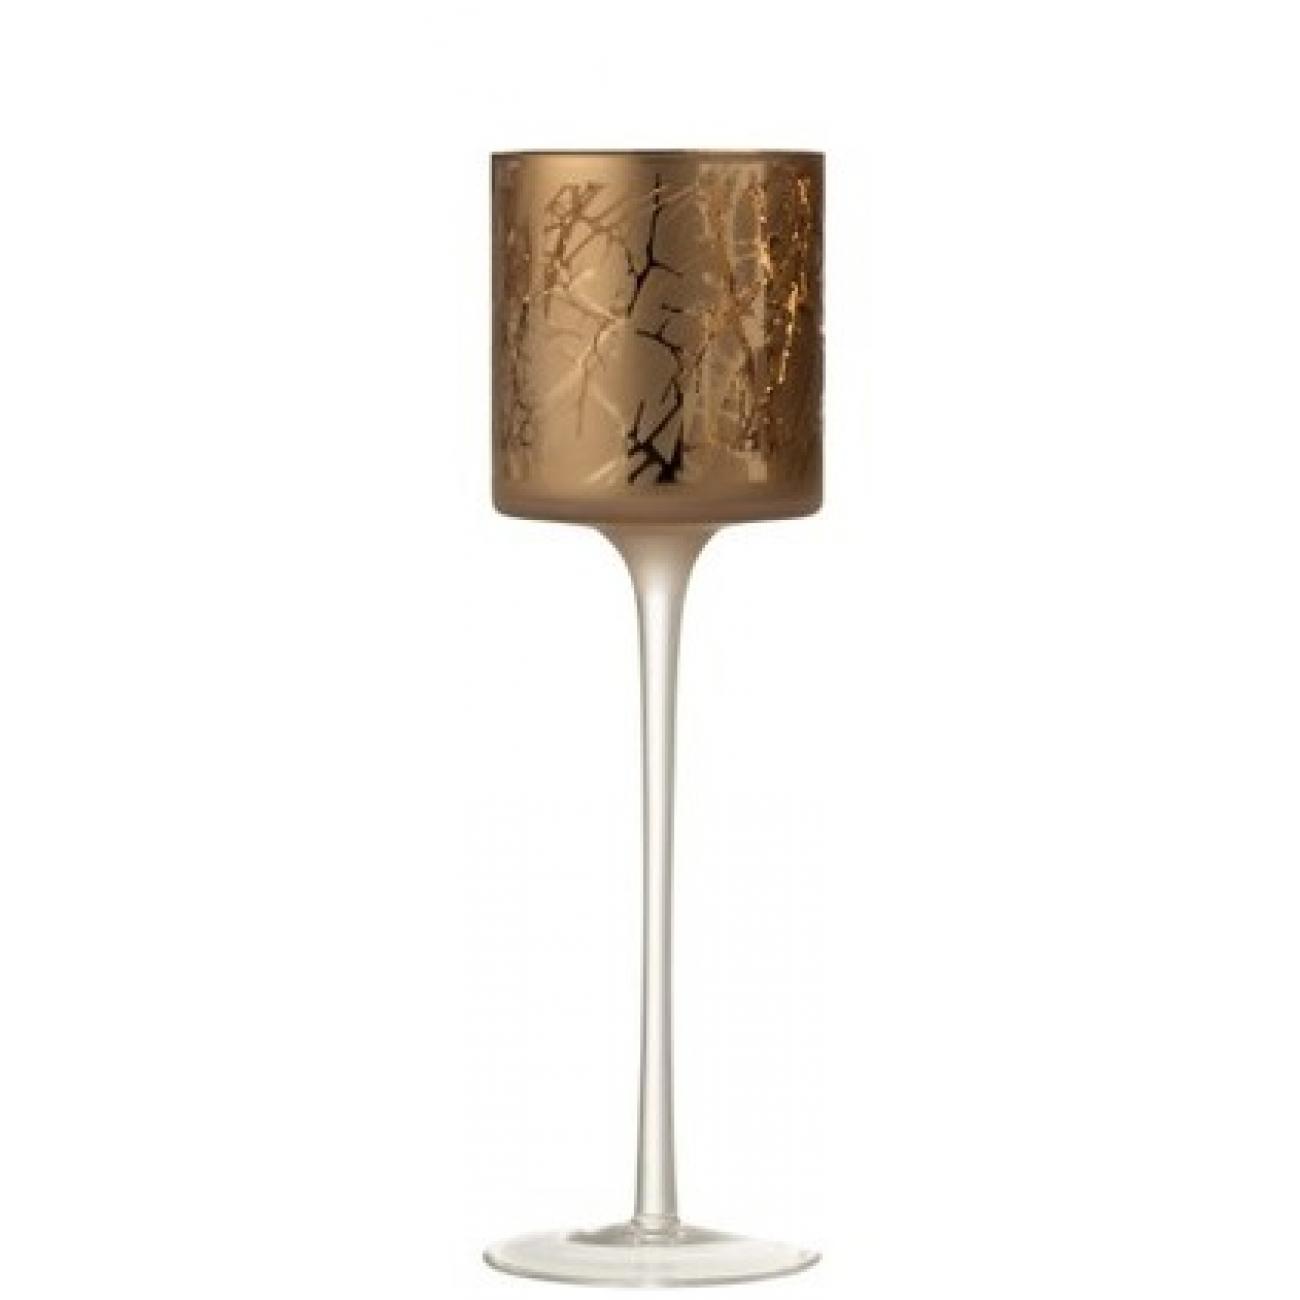 Подсвечник J-LINE стеклянный светло-коричневый с узором на тонкой ножке высота 30 см